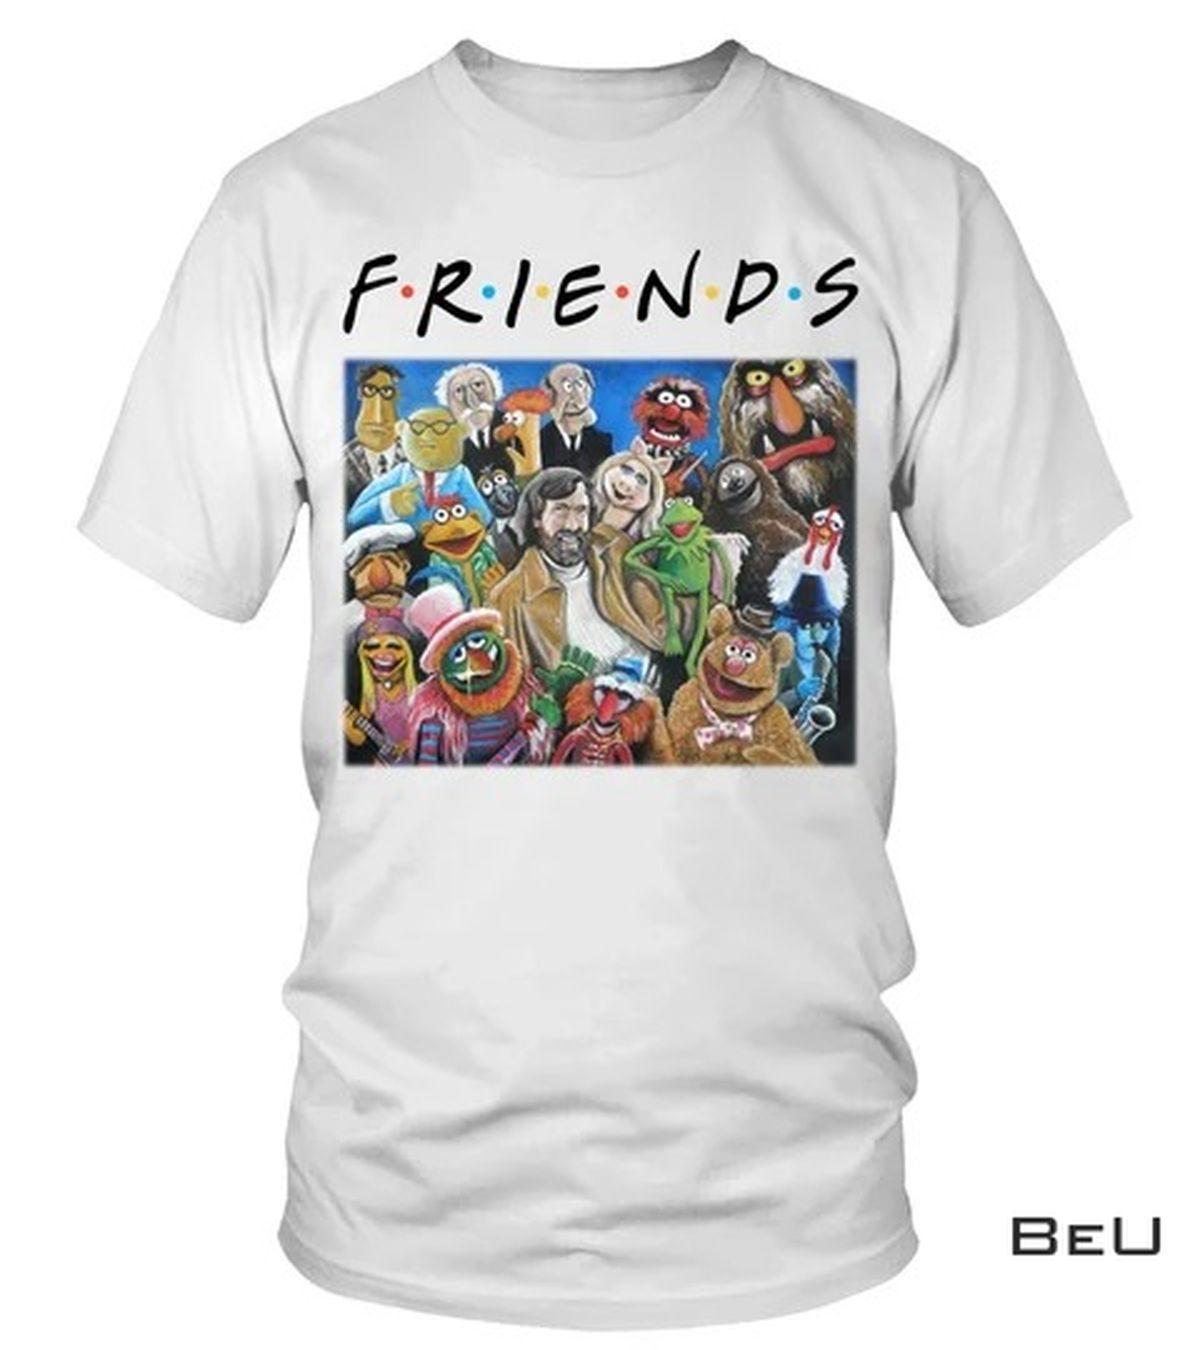 Friends Jim Henson Puppets Art Shirt, tank top